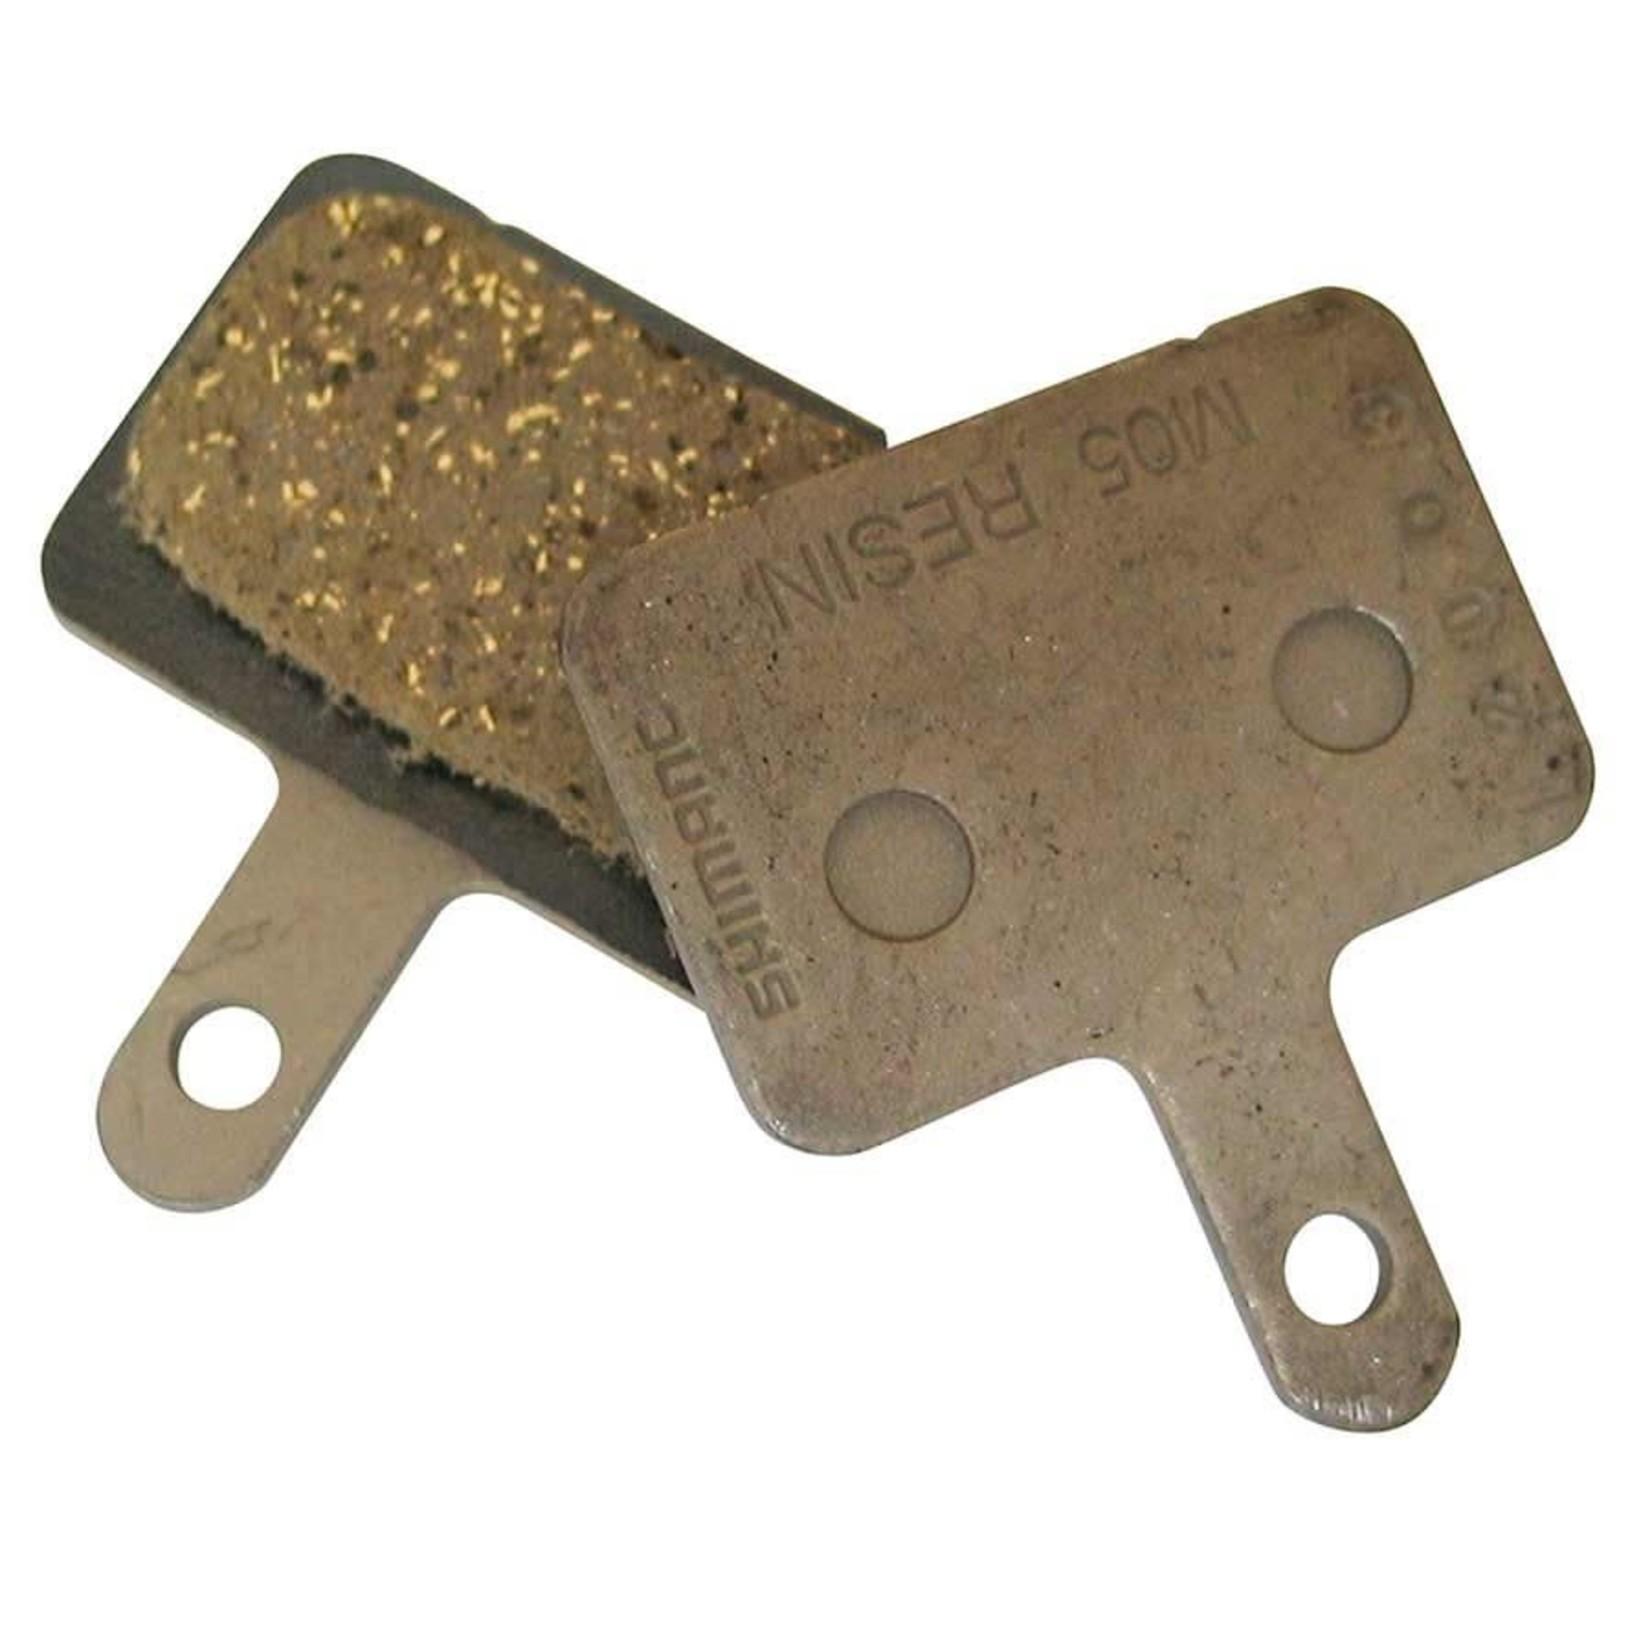 Shimano Y8B698010, M05, BR-M515, Patins de freins à disque, Résine, Paire, B type